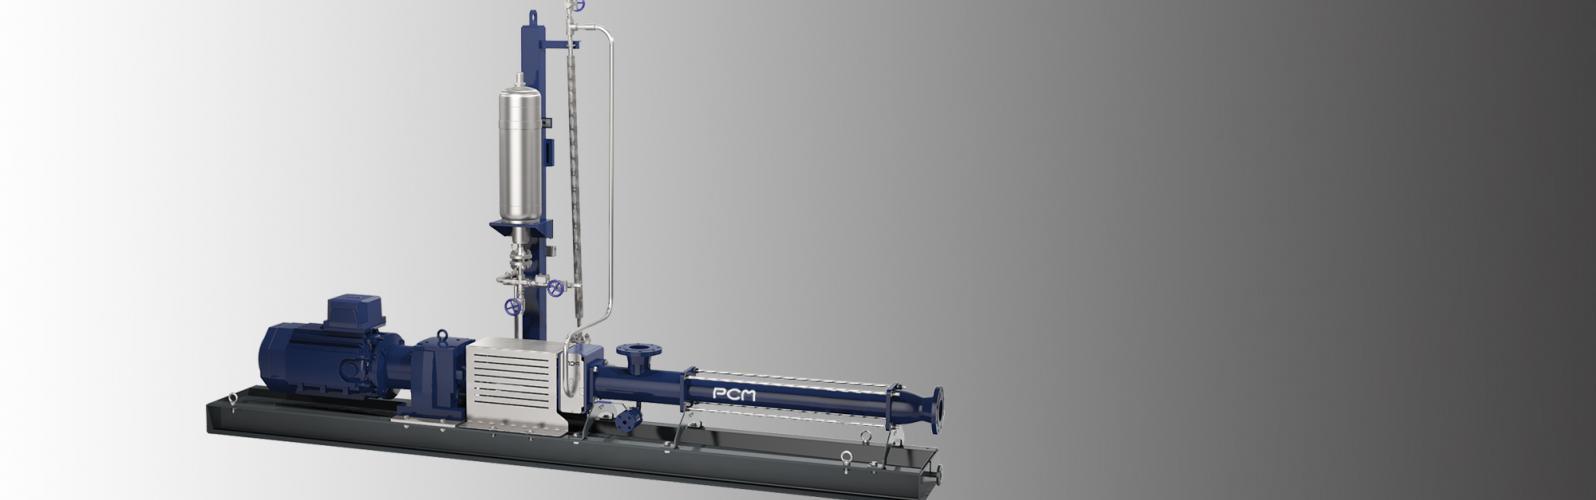 PCM votre fournisseur de solutions de pompage pour l'industrie pétrolière